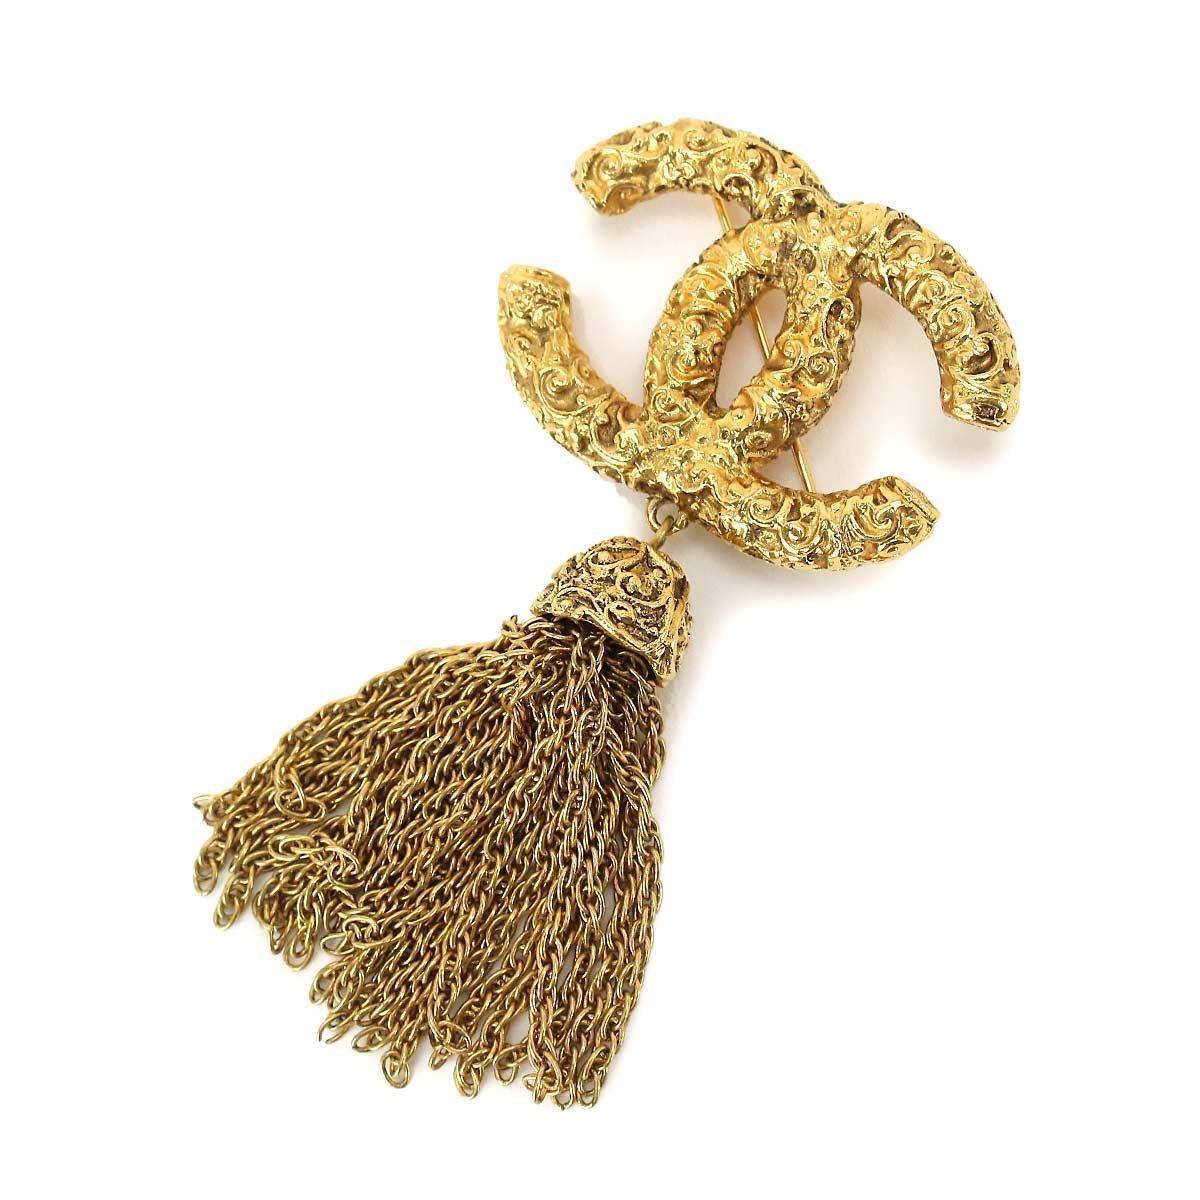 Lyst - Chanel Cc Logos Fringe Brooch Gold 03a 90034938.. in Metallic 0b36cb096cd